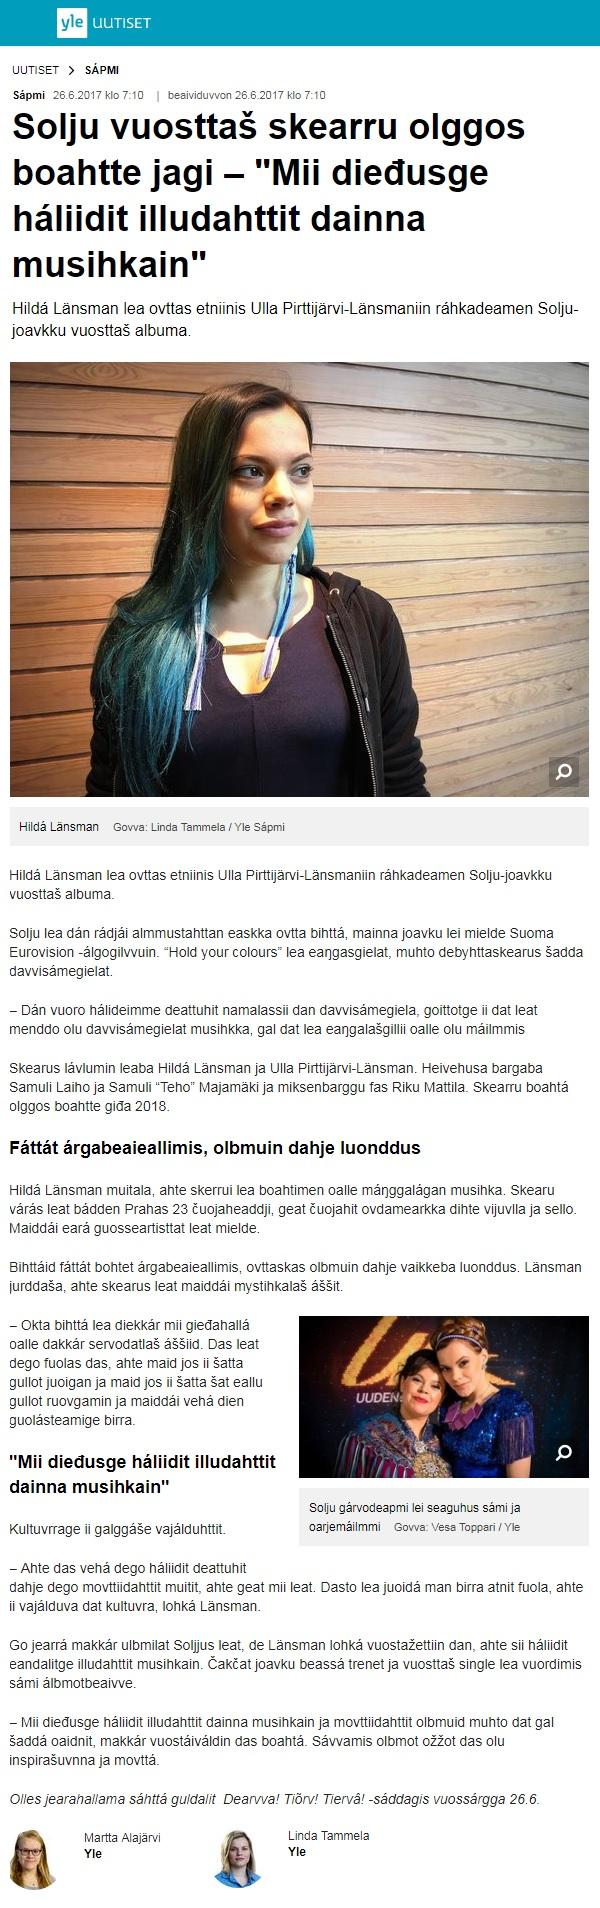 Yle Sápmi, Solju vuosttaš skearru olggos boahtte jagi – Mii dieđusge háliidit illudahttit dainna musihkain' (Finland), 26.6.2017